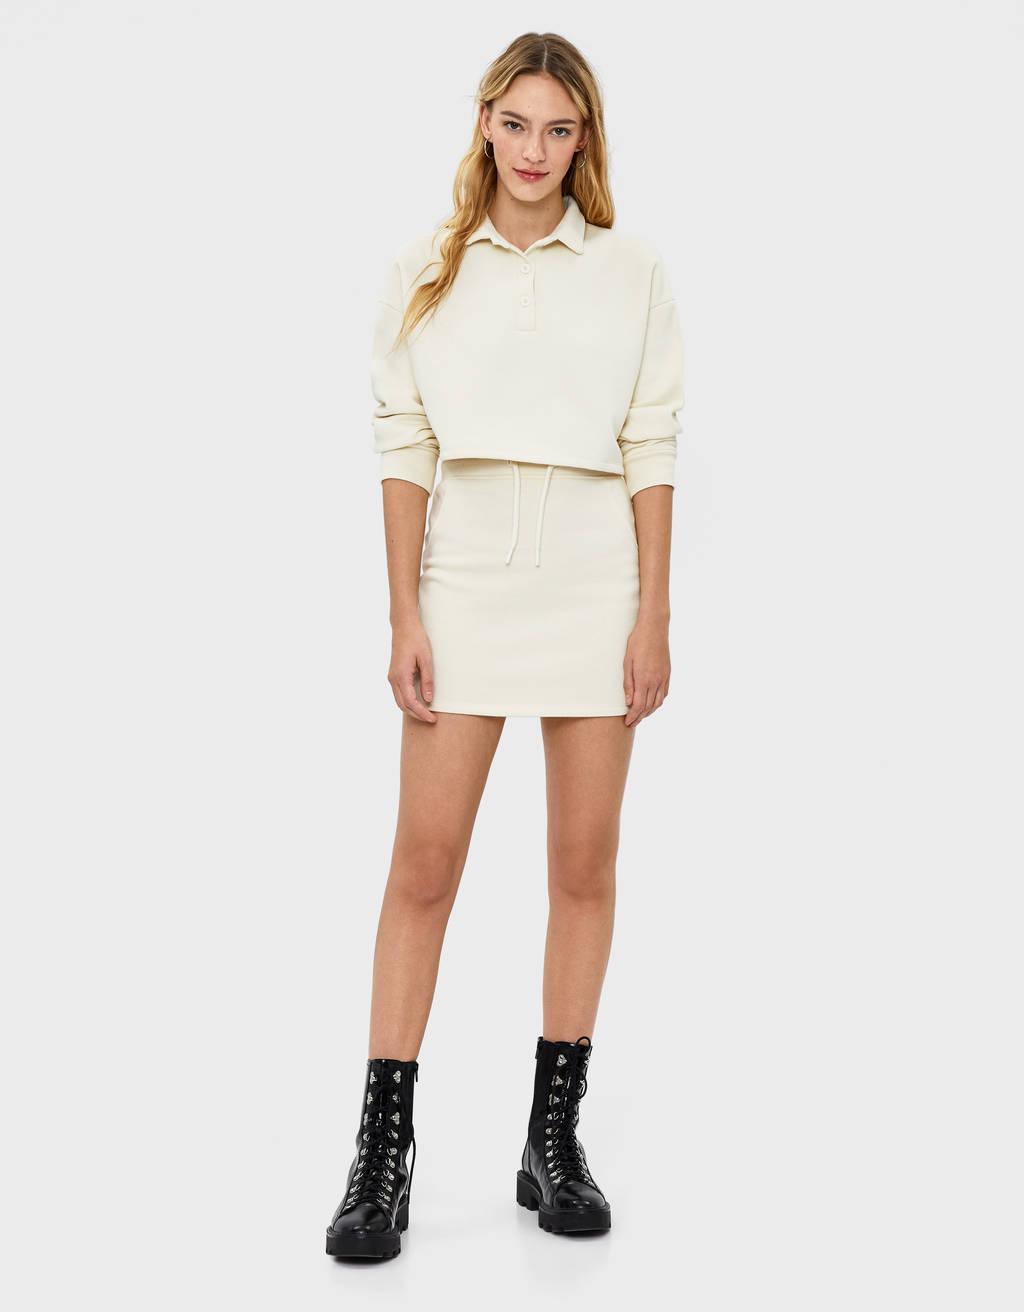 lindos zapatos elige el más nuevo estilo limitado Faldas de mujer - Otoño 2019 | Bershka